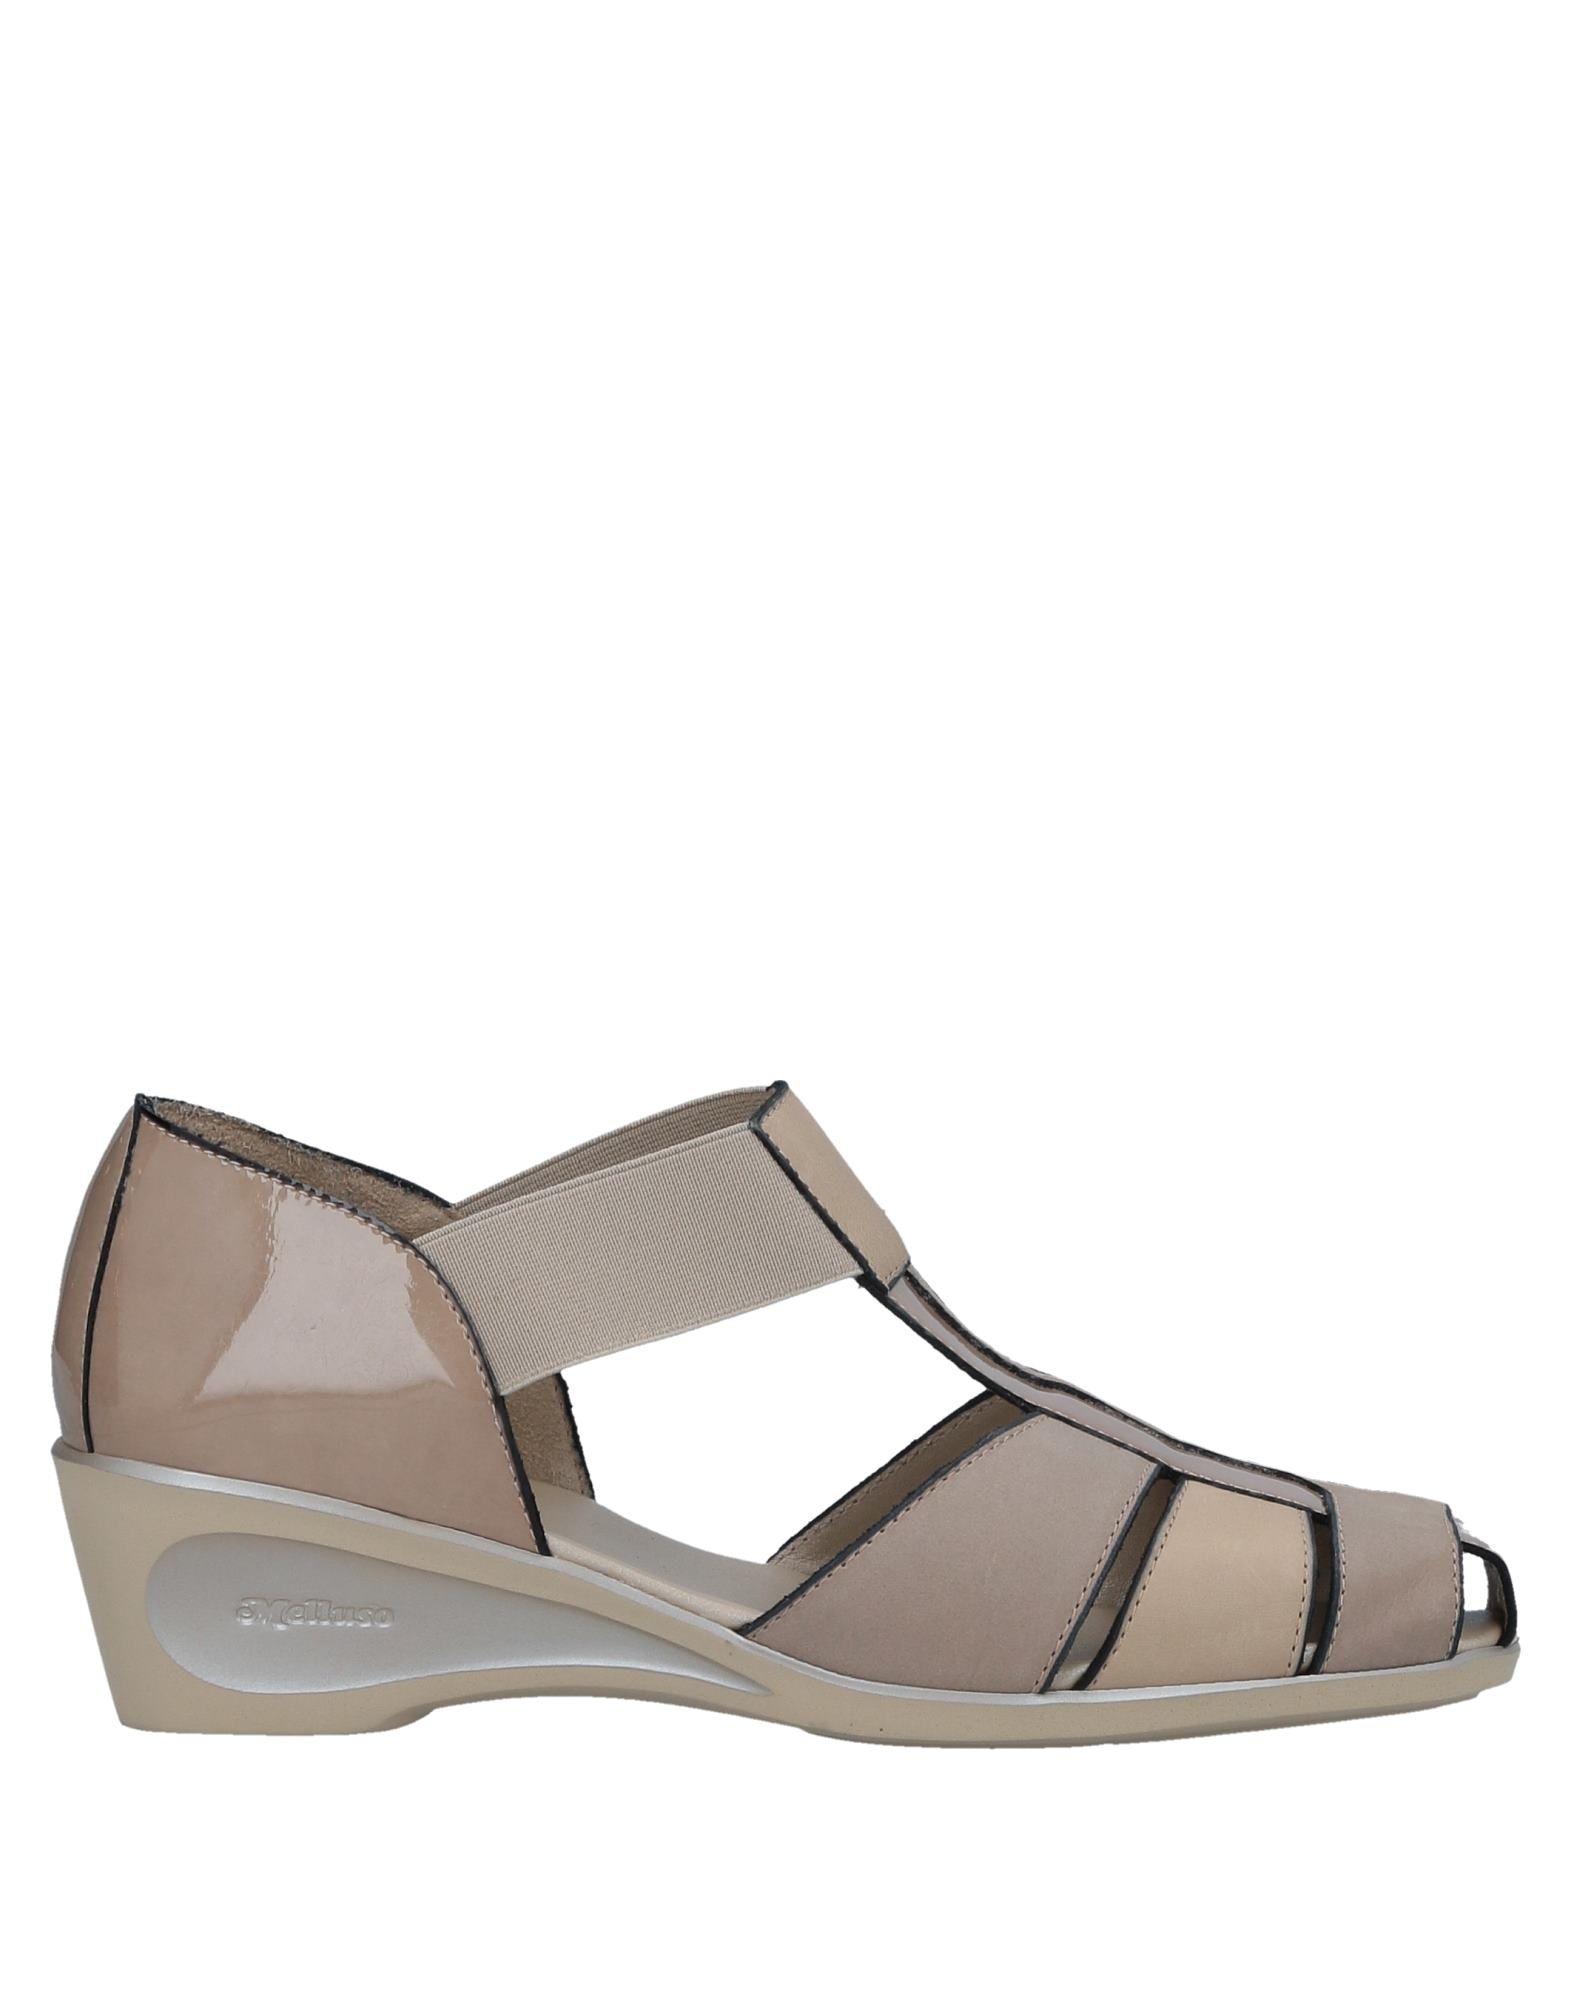 Sandali Melluso Donna - 11532690LE Scarpe economiche e buone